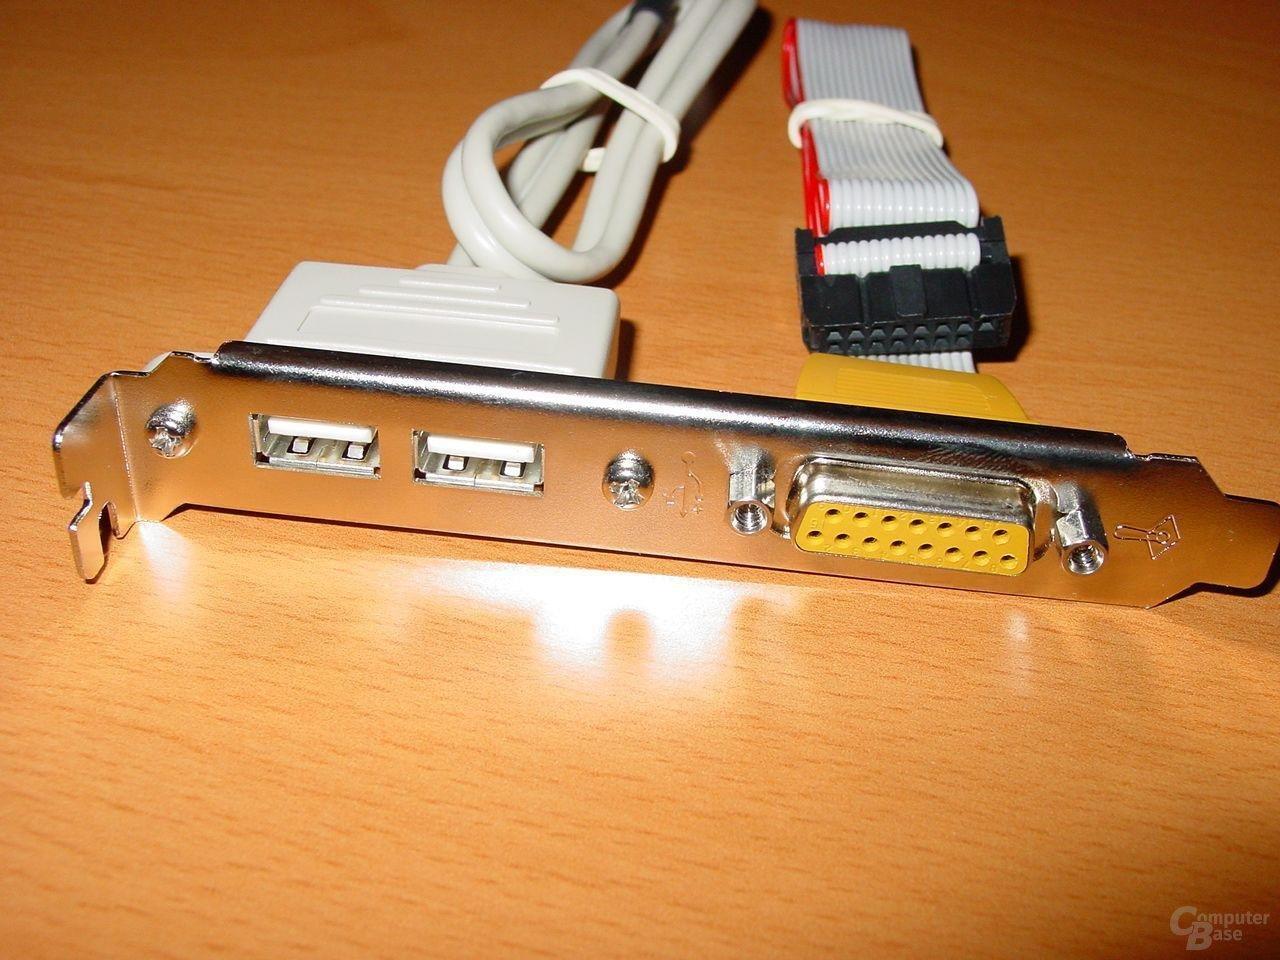 USB- und Game-Modul